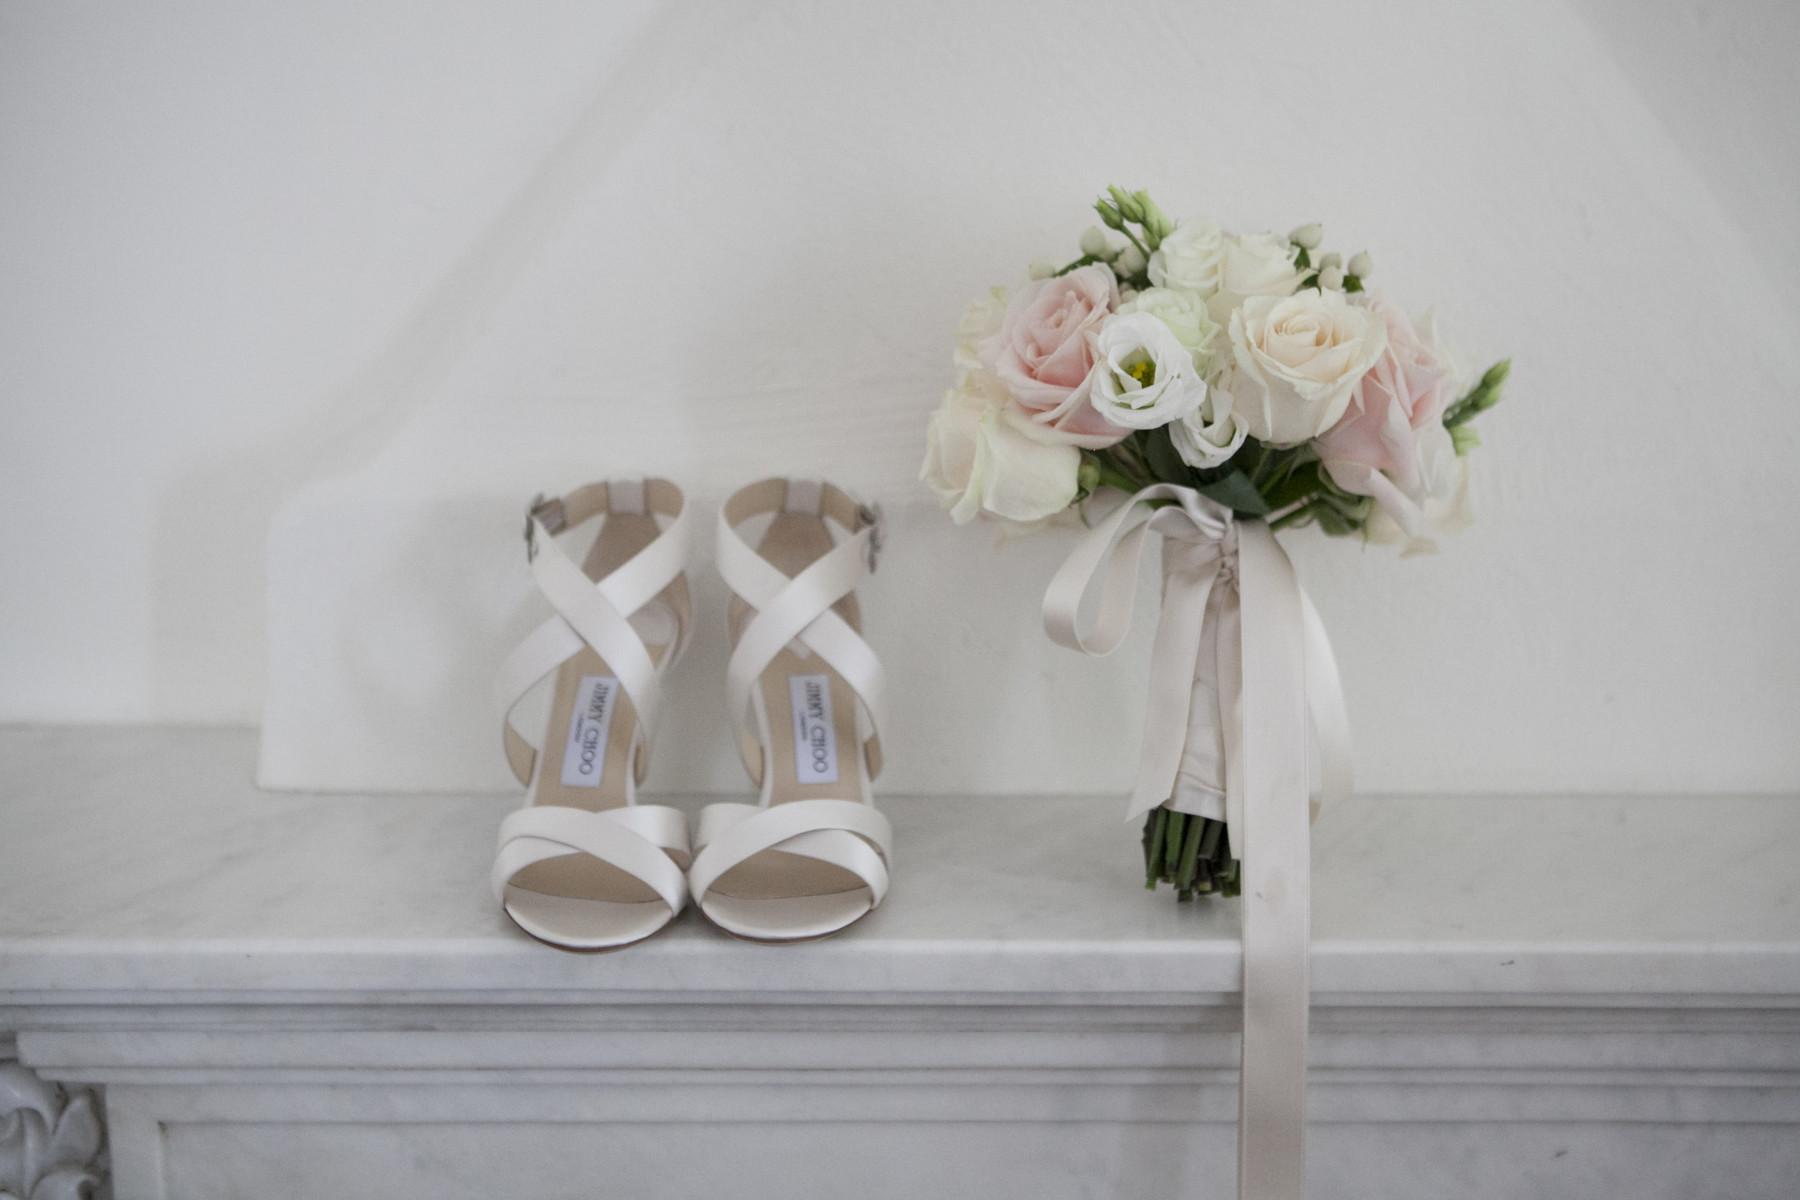 Wedding in Villa Balbianello - Lake Como-Italy